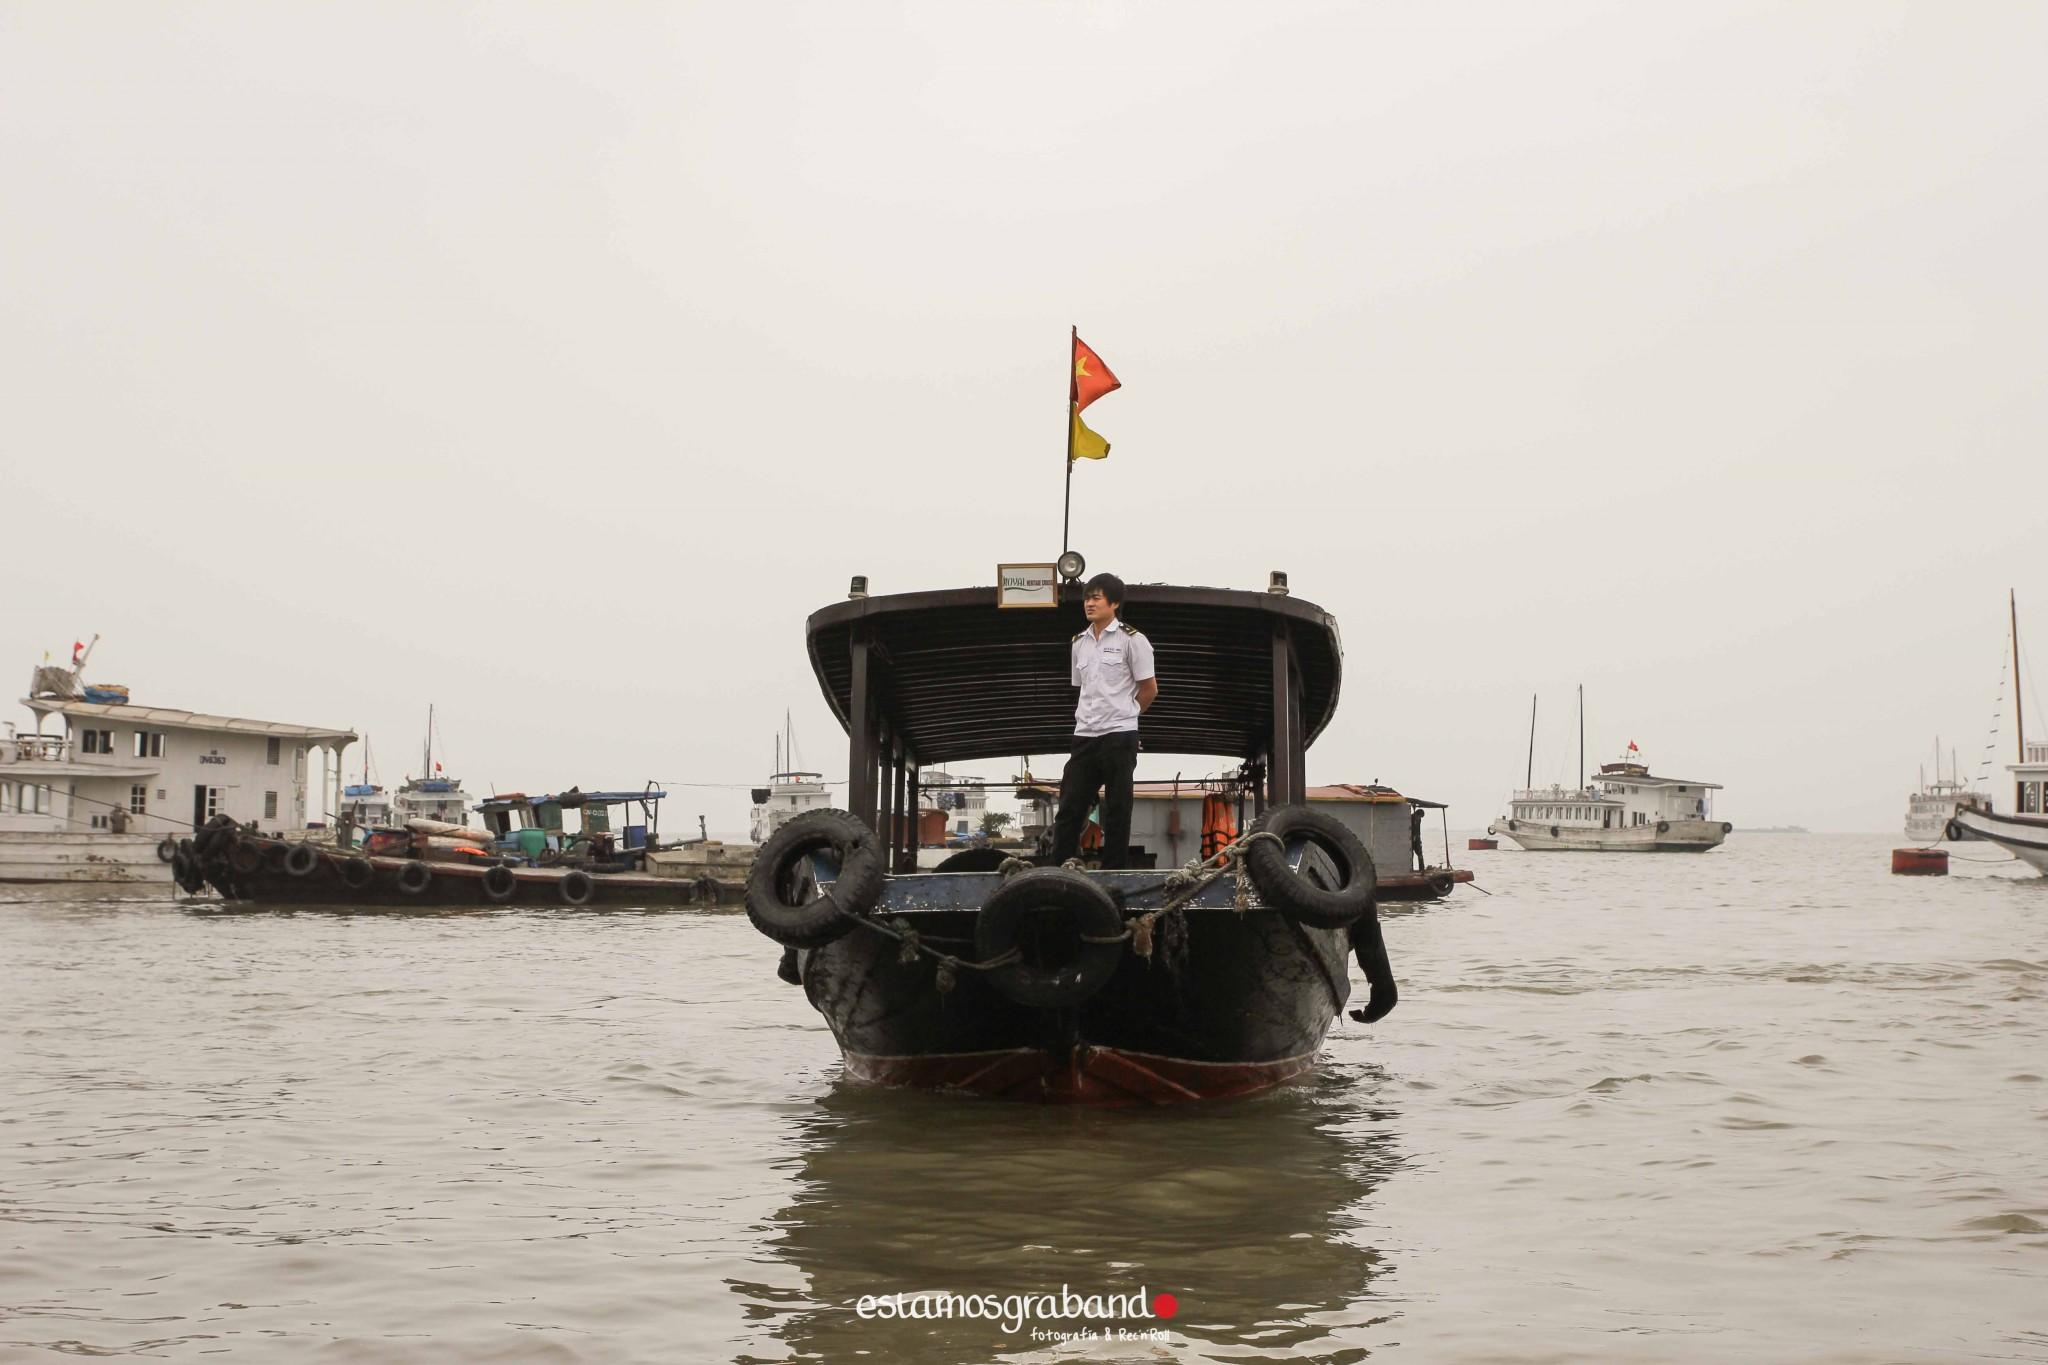 reportaje-vietnam_fotograficc81a-vietnam_estamosgrabando-vietnam_rutasvietnam_reportaje-retratos-fotos-vietnam_fotografia-vietnam_reportaje-estamosgrabando-fotograficc81a-vietnam-51 Pequeños grandes recuerdos de Vietnam en 100 imágenes - video boda cadiz